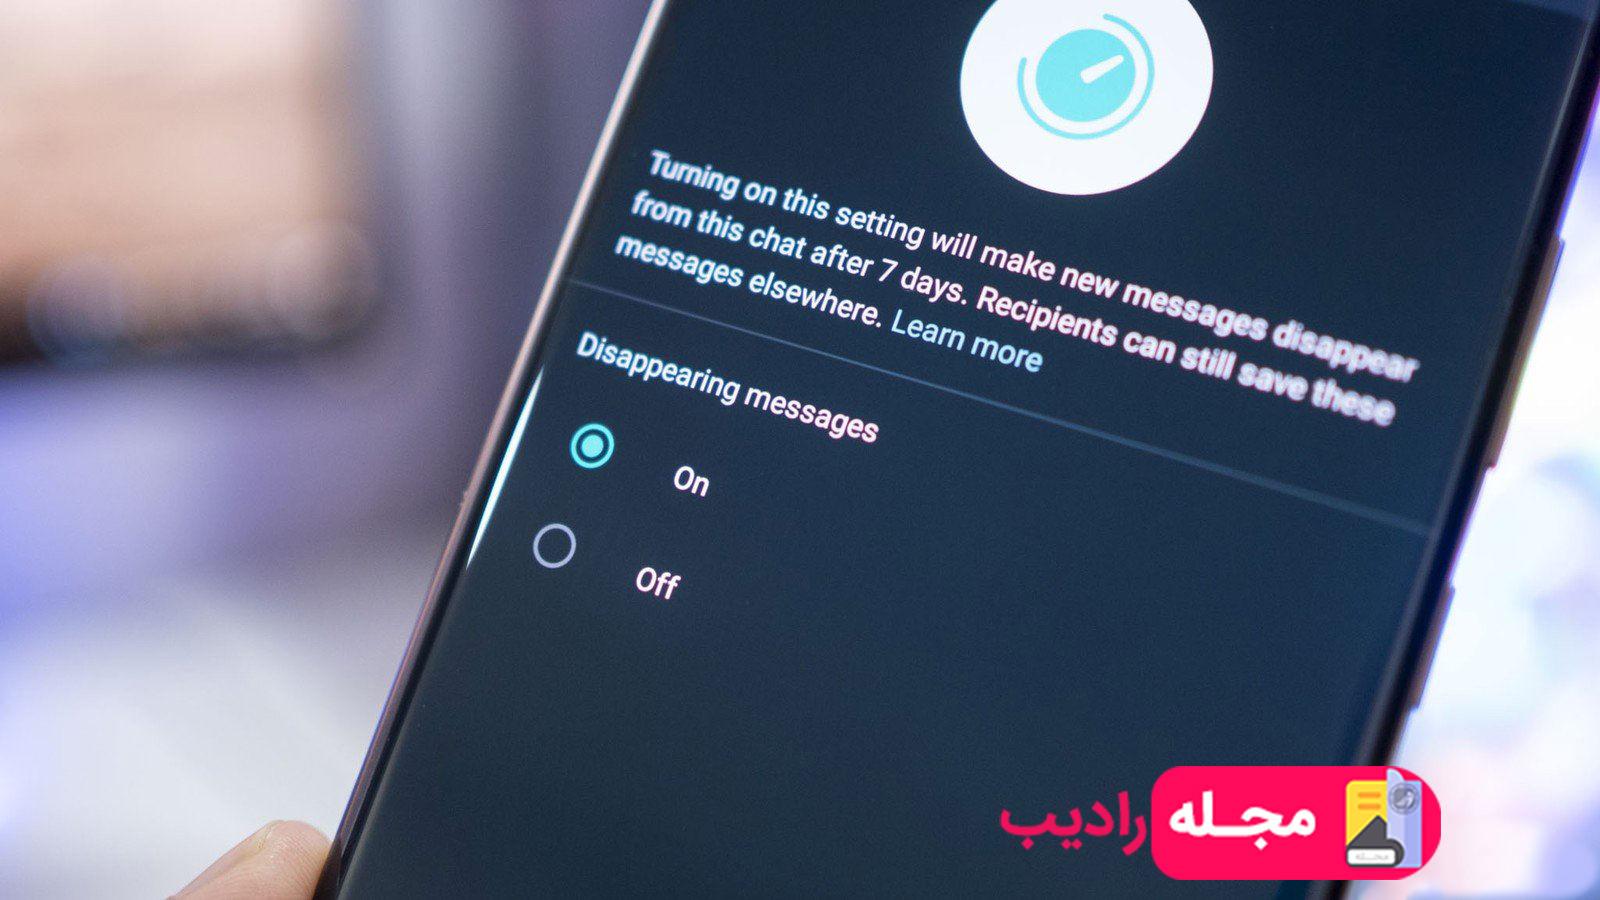 نحوه ارسال پیامهای محو شونده در واتساپ